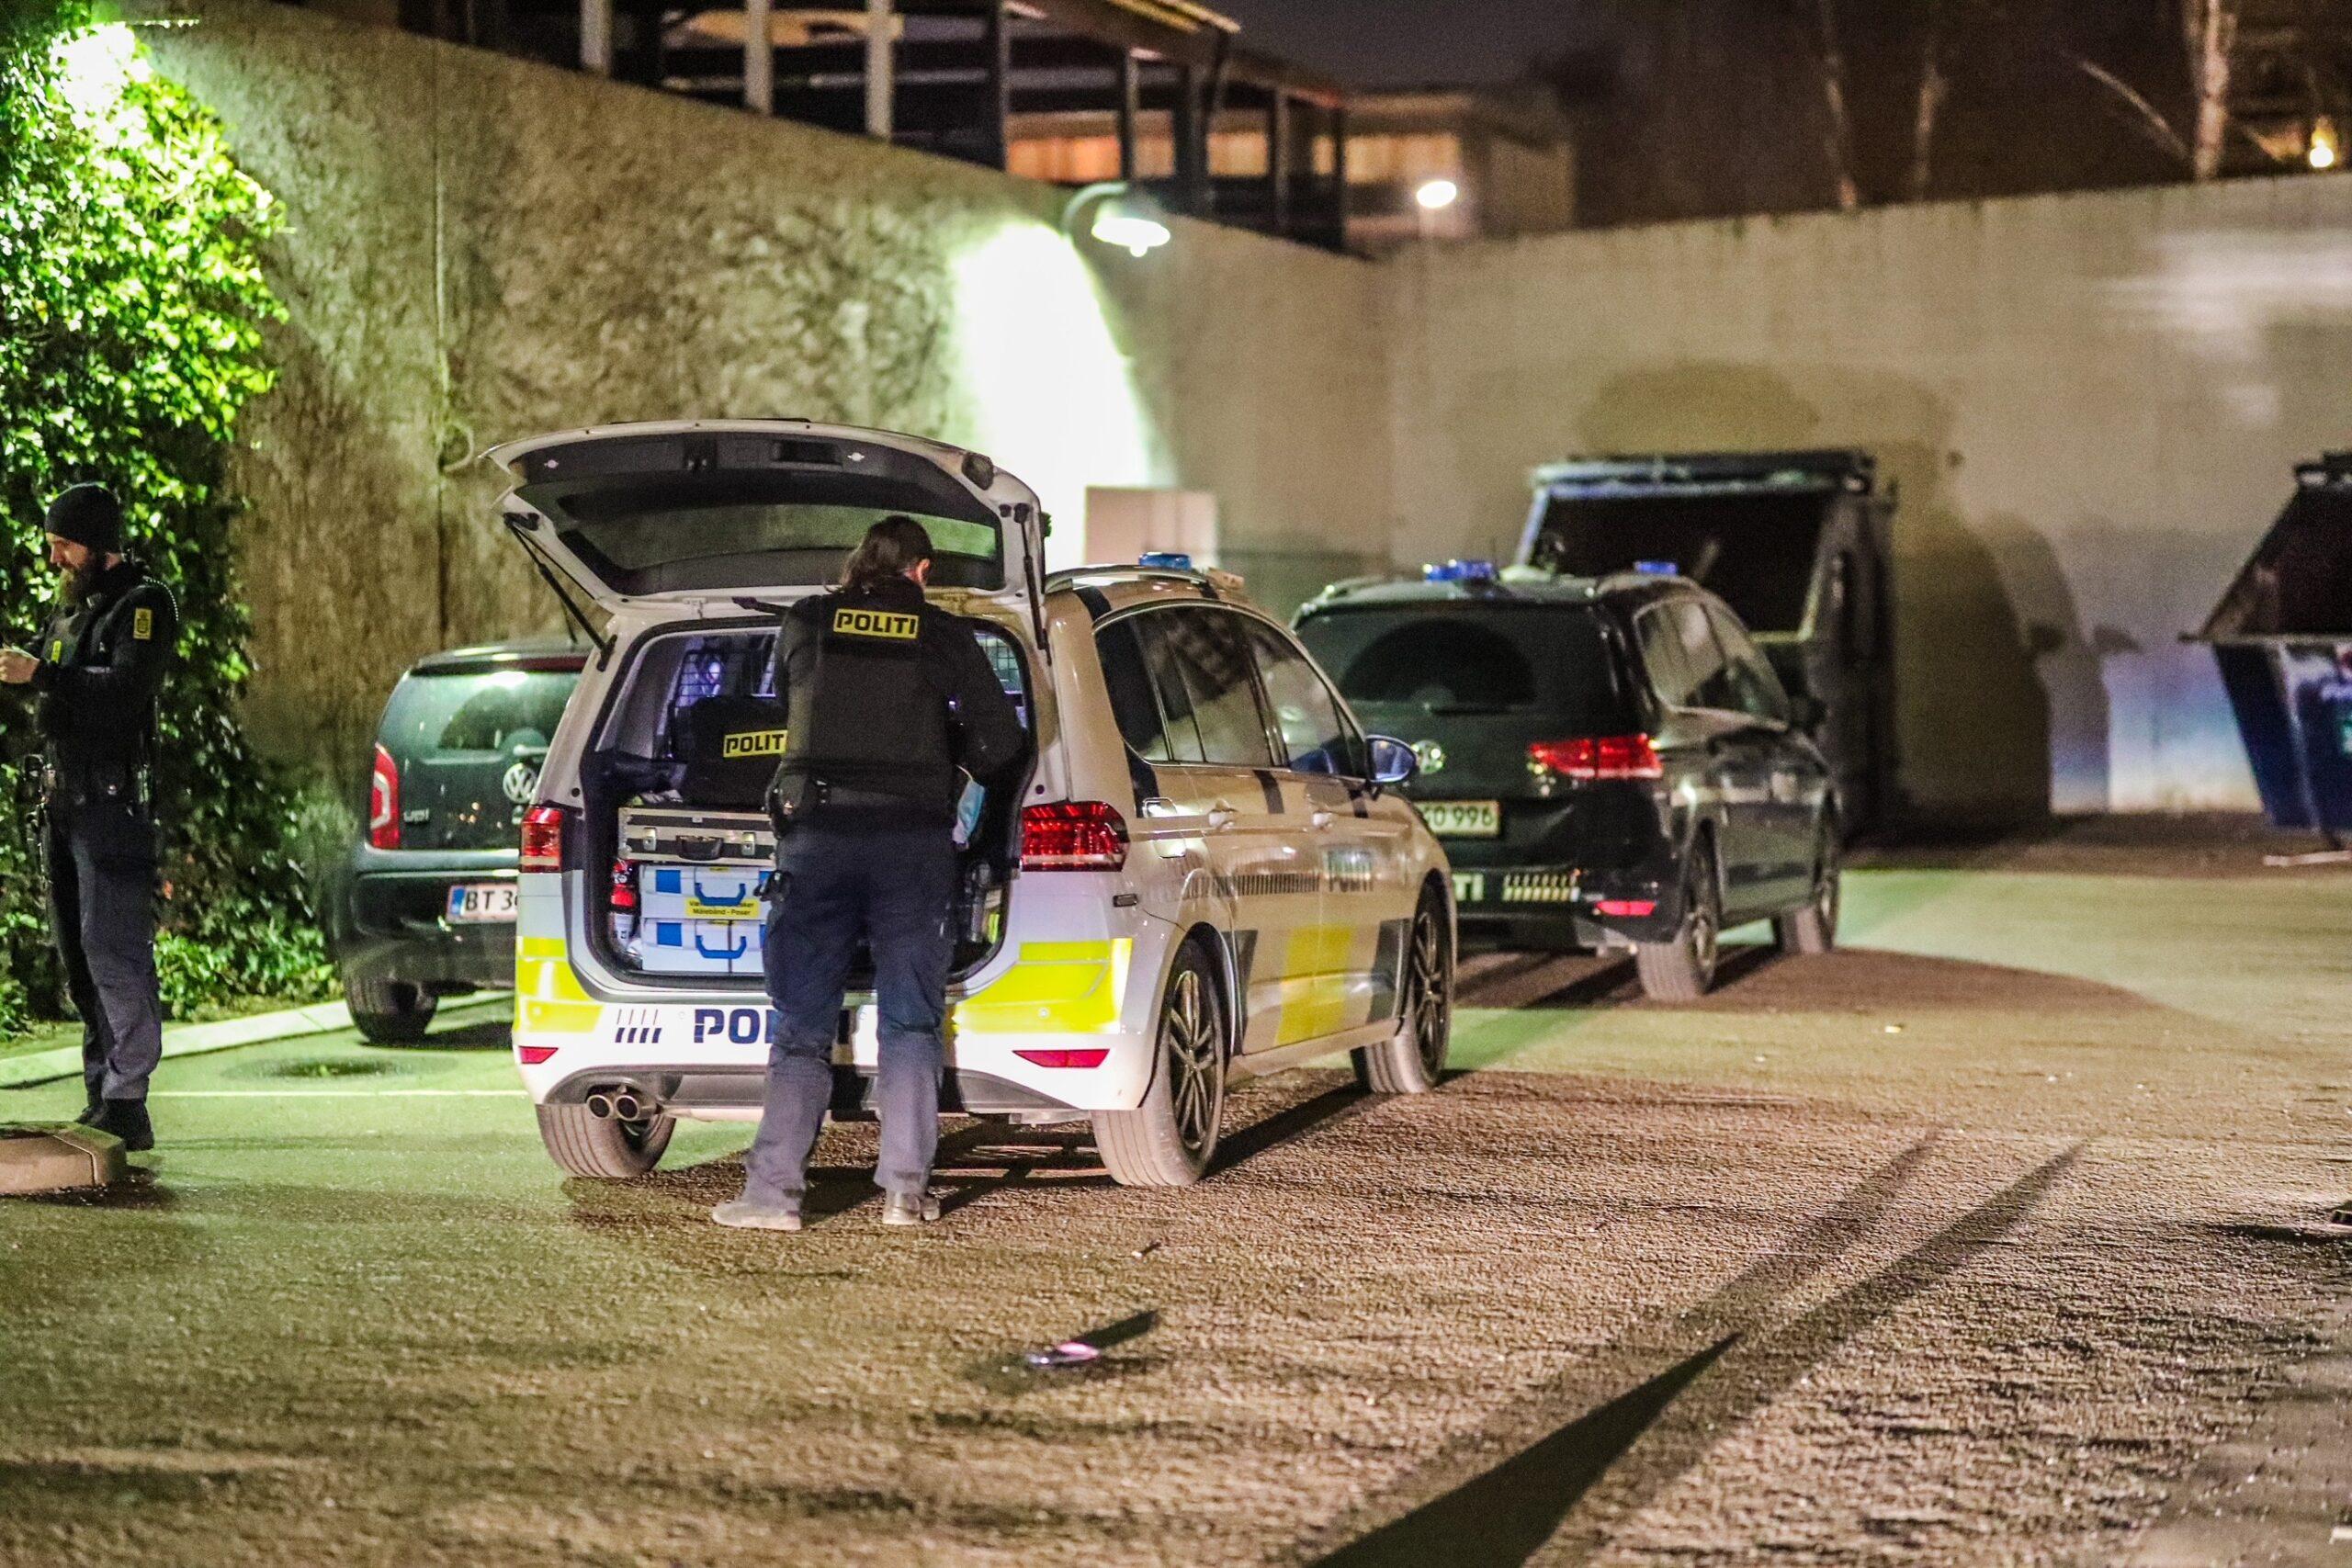 Større politiaktion i Kisumparken Brøndby - Knivstikkeri